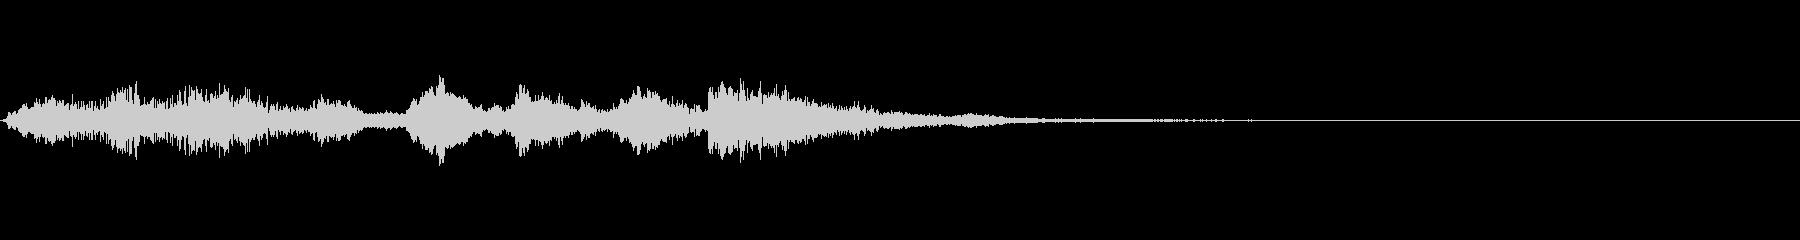 リコーダージングル、上るメロディの未再生の波形